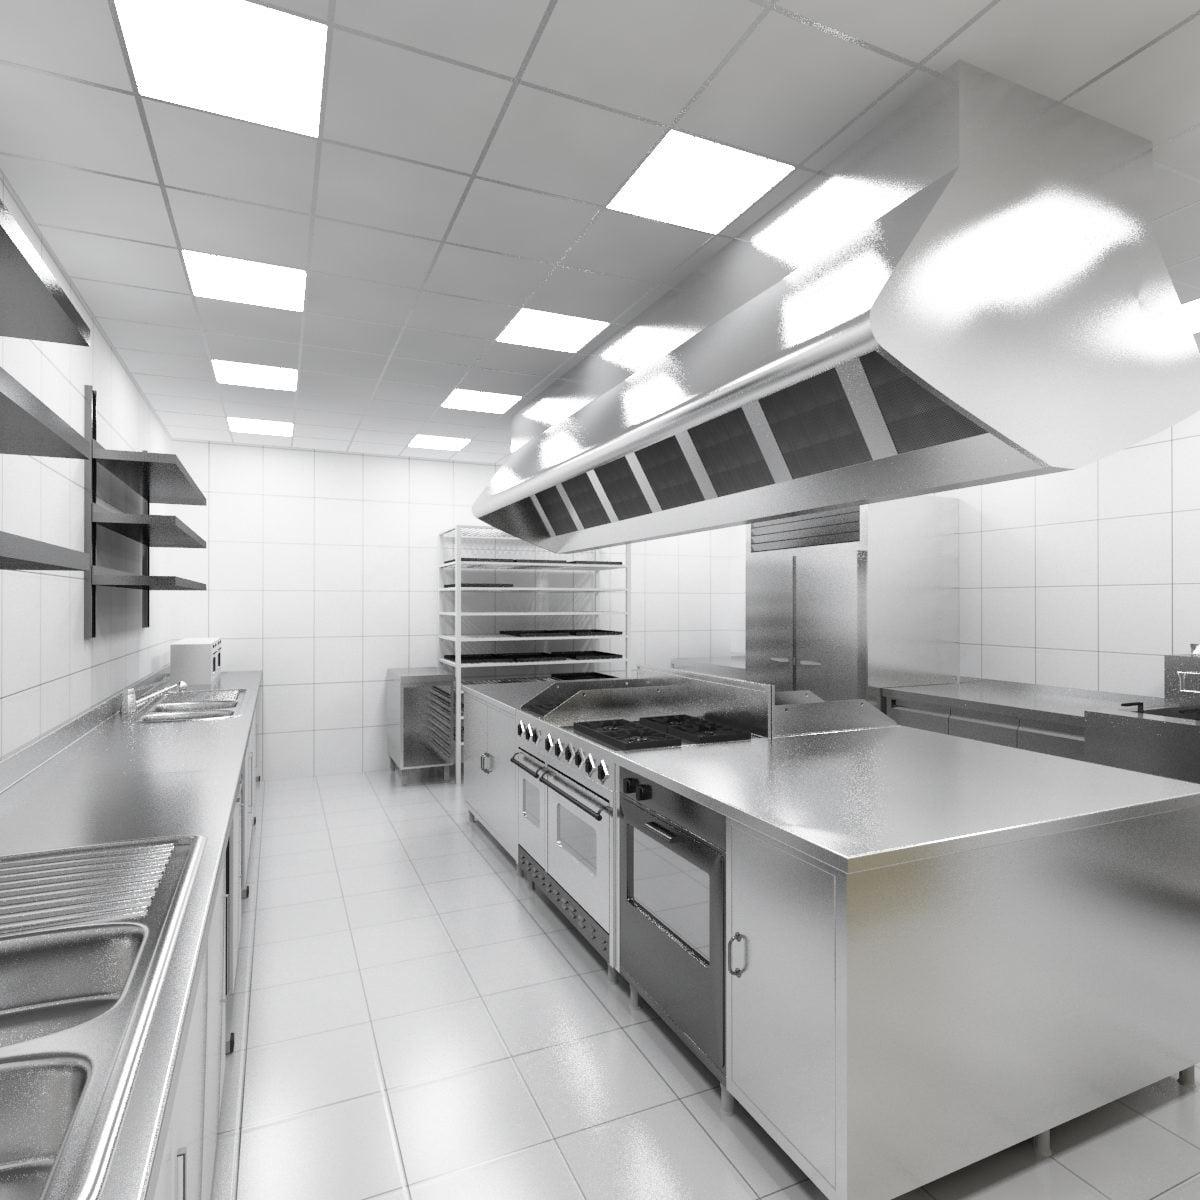 endüstriyel mutfak aydınlatma